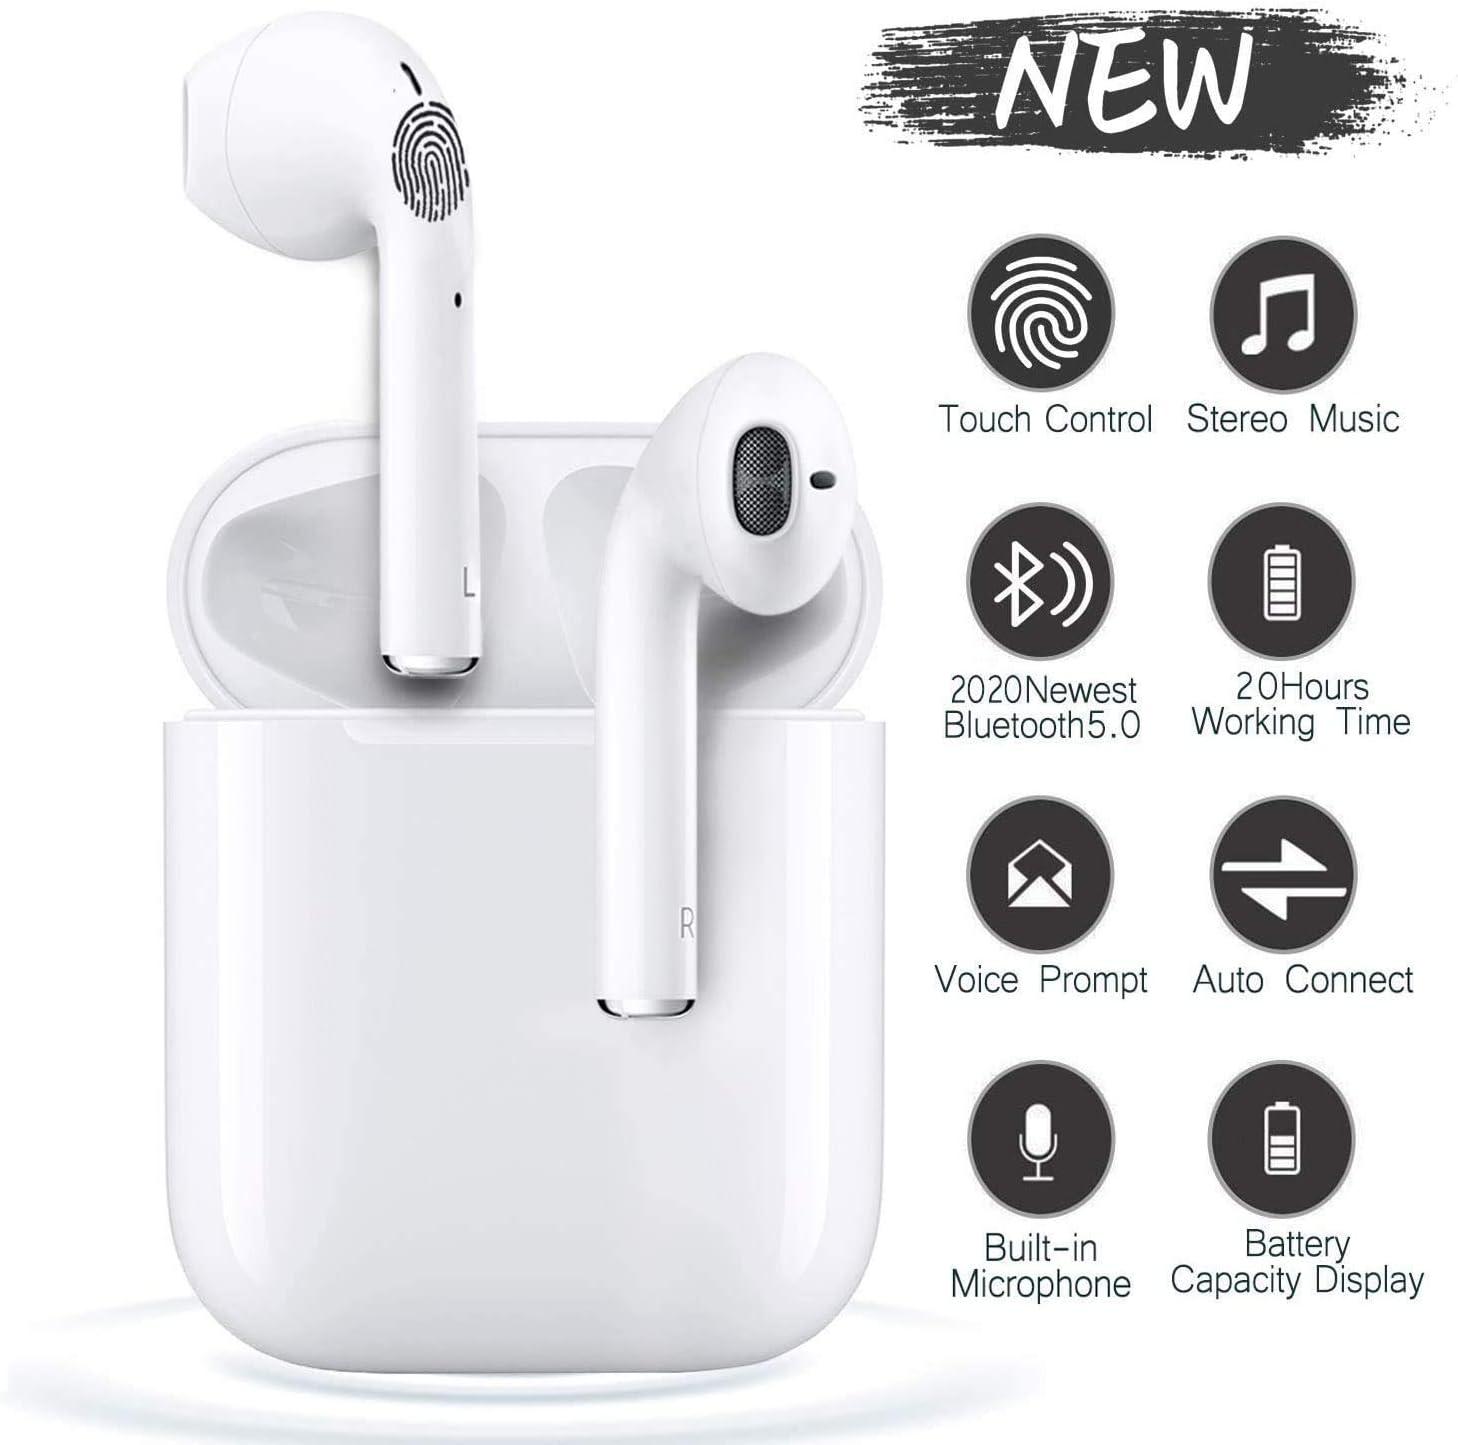 i12 - TWS Auriculares Bluetooth 5.0, Toque Inteligente Auriculares inalámbricos, Auriculares deportivos impermeables IPX7, Auriculares estéreo 3D-HIFI, Emparejamiento emergente automático - Blanco